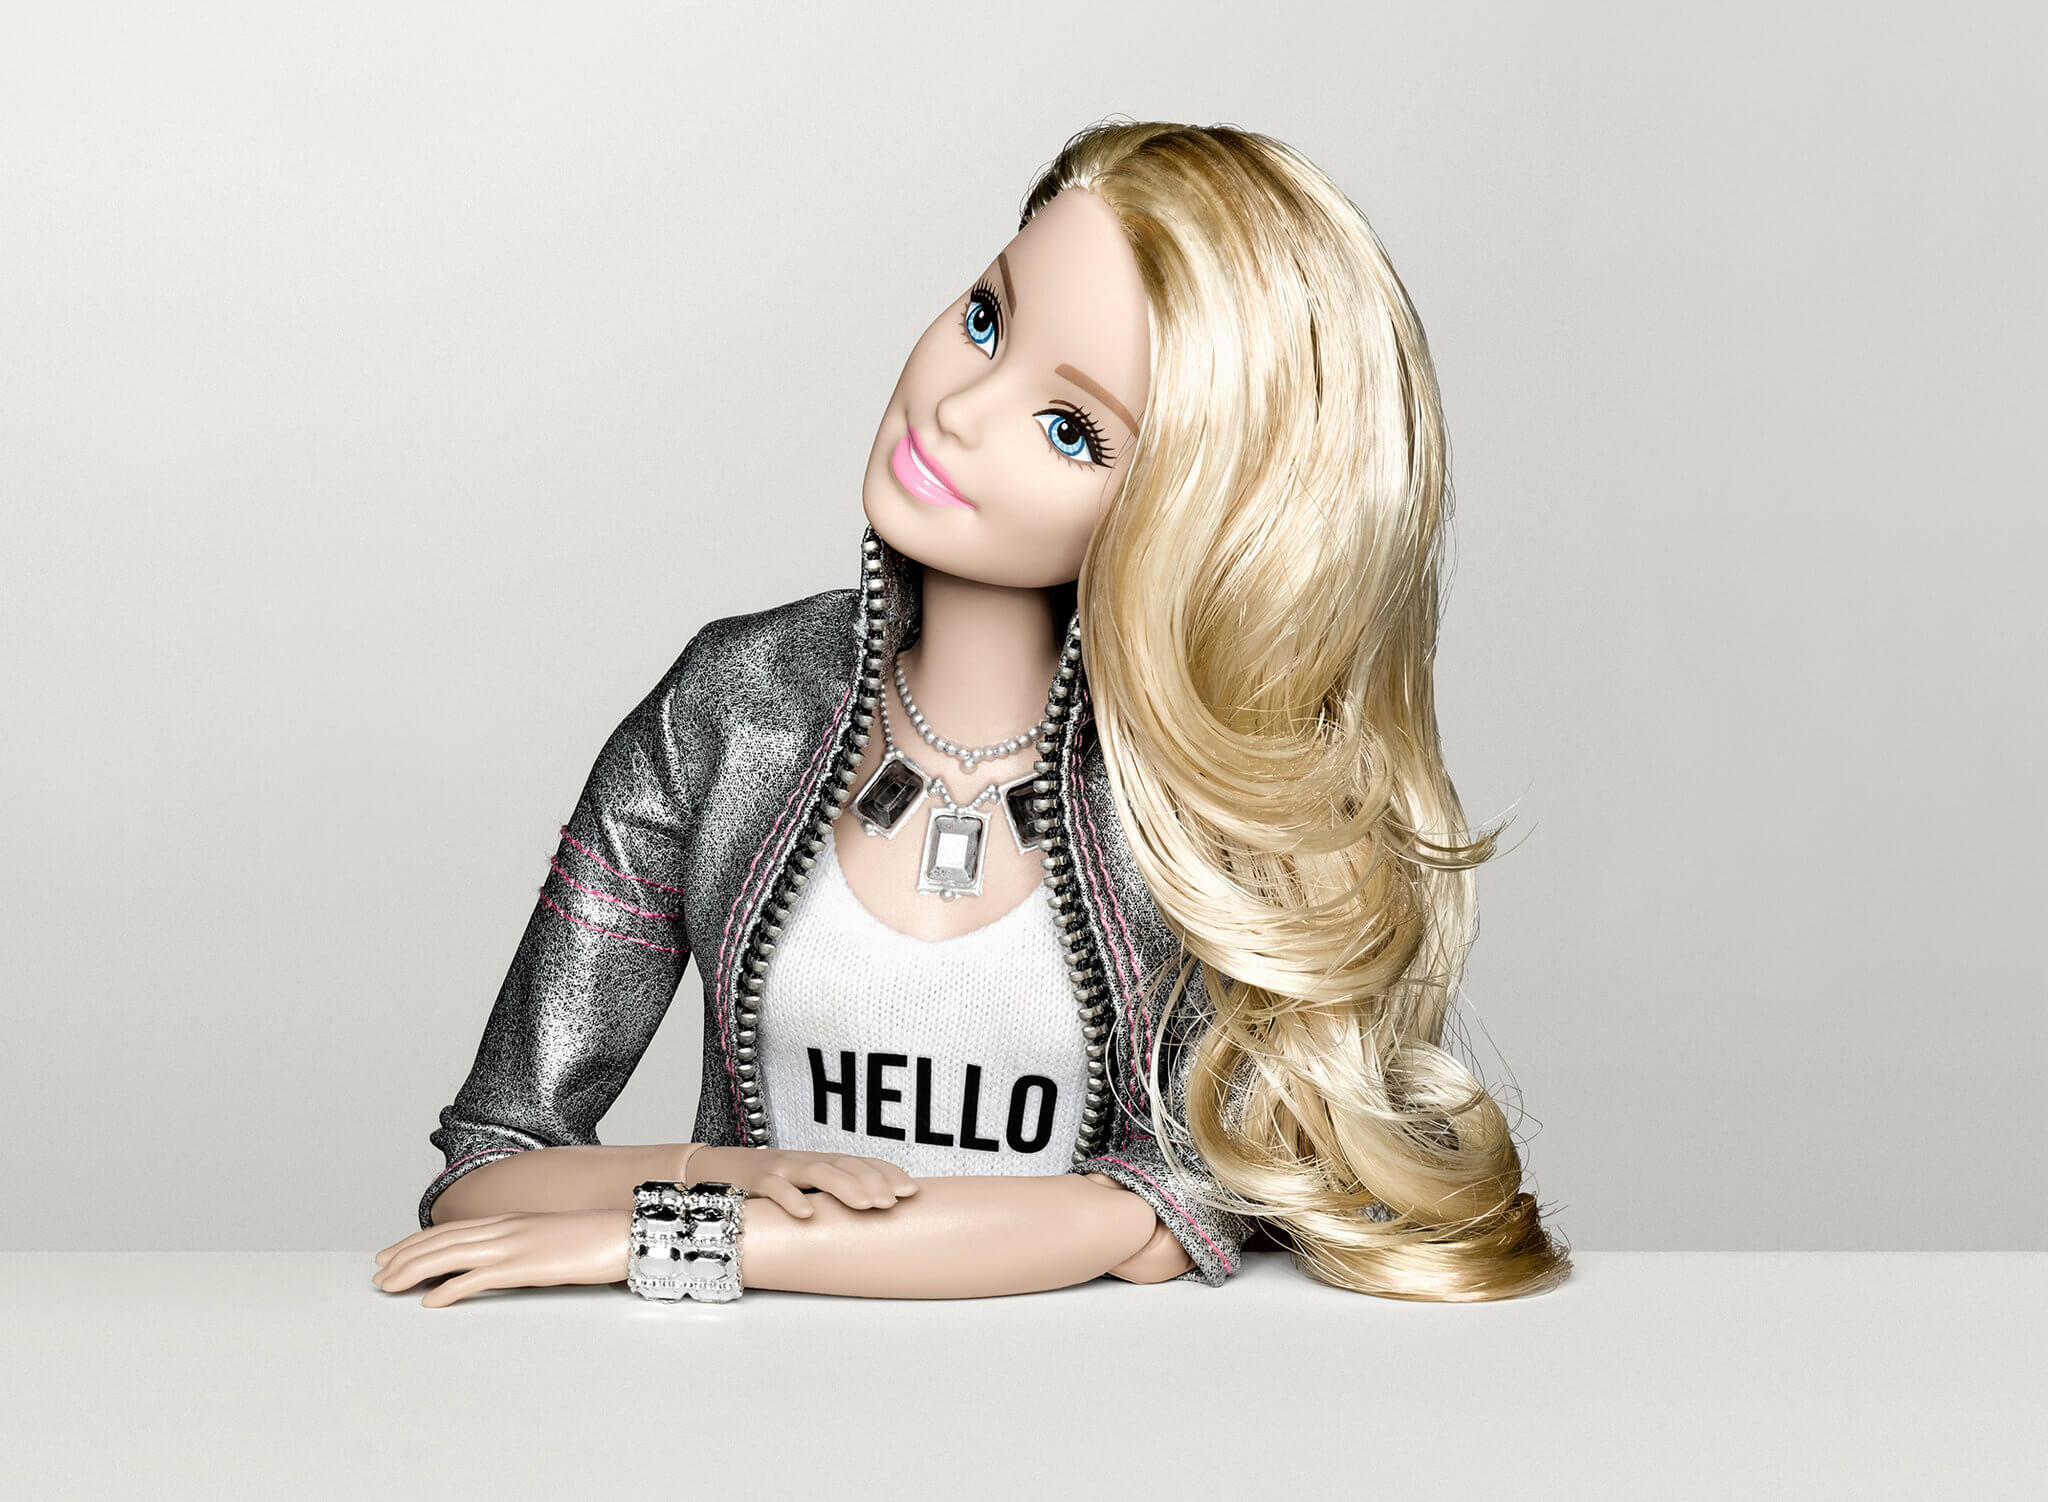 A Tecnologia Por Trás da Nova Barbie Inteligente